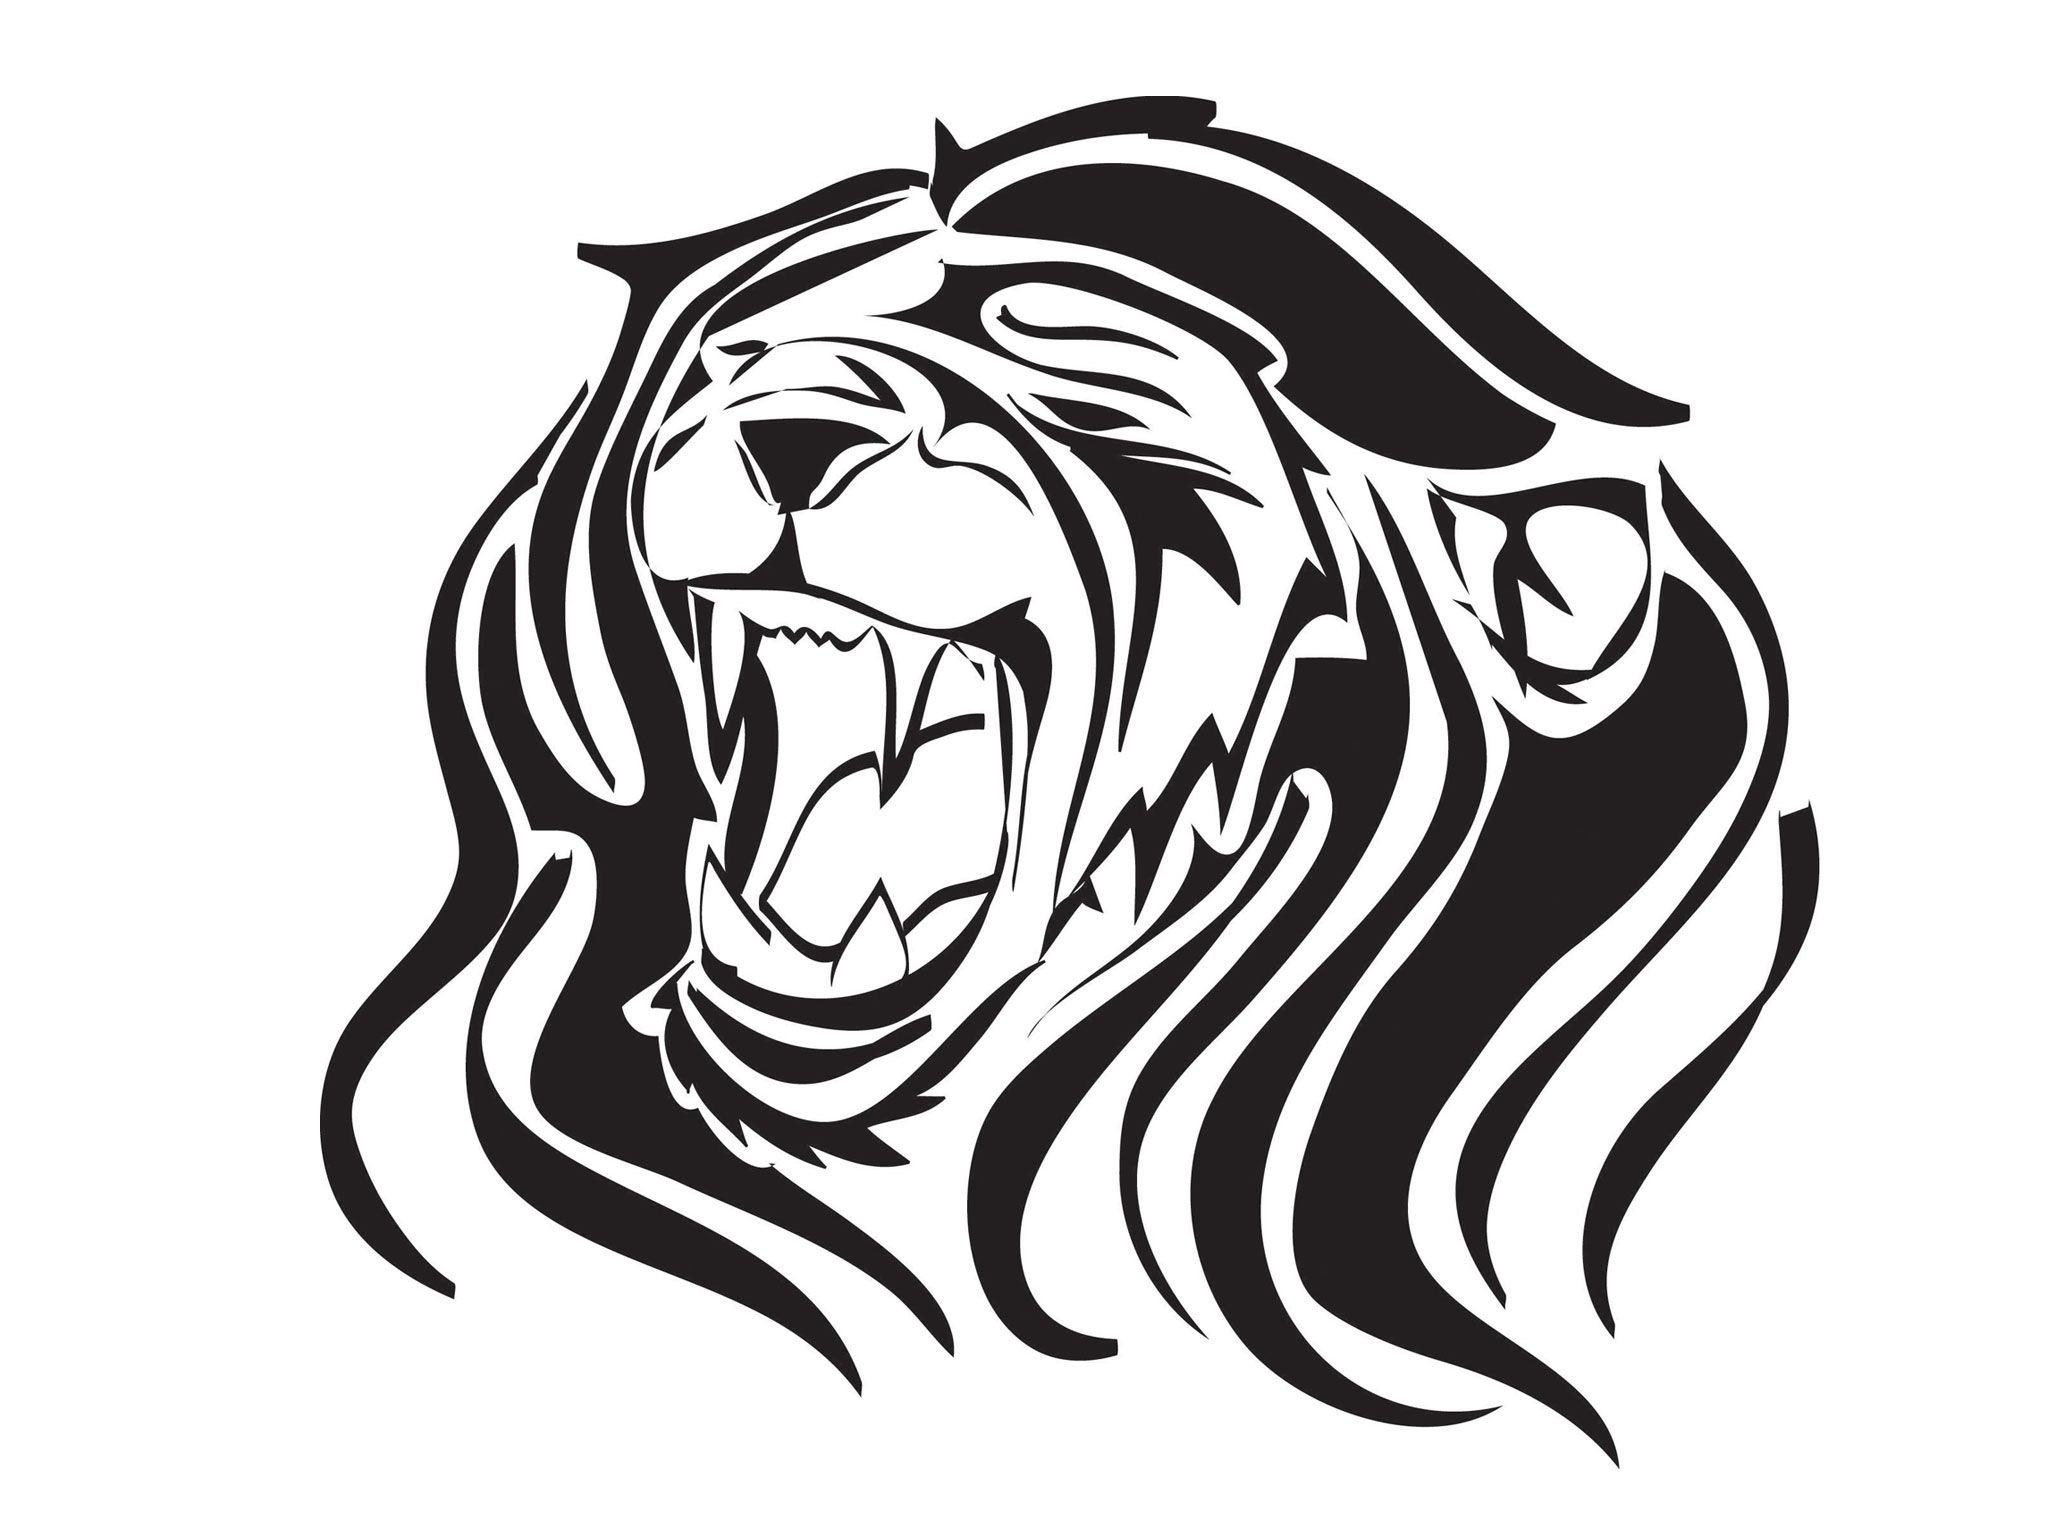 Roaring Lion Tattoo Wallpaper Lion Tattoo Roaring Lion Tattoo Tribal Tattoos